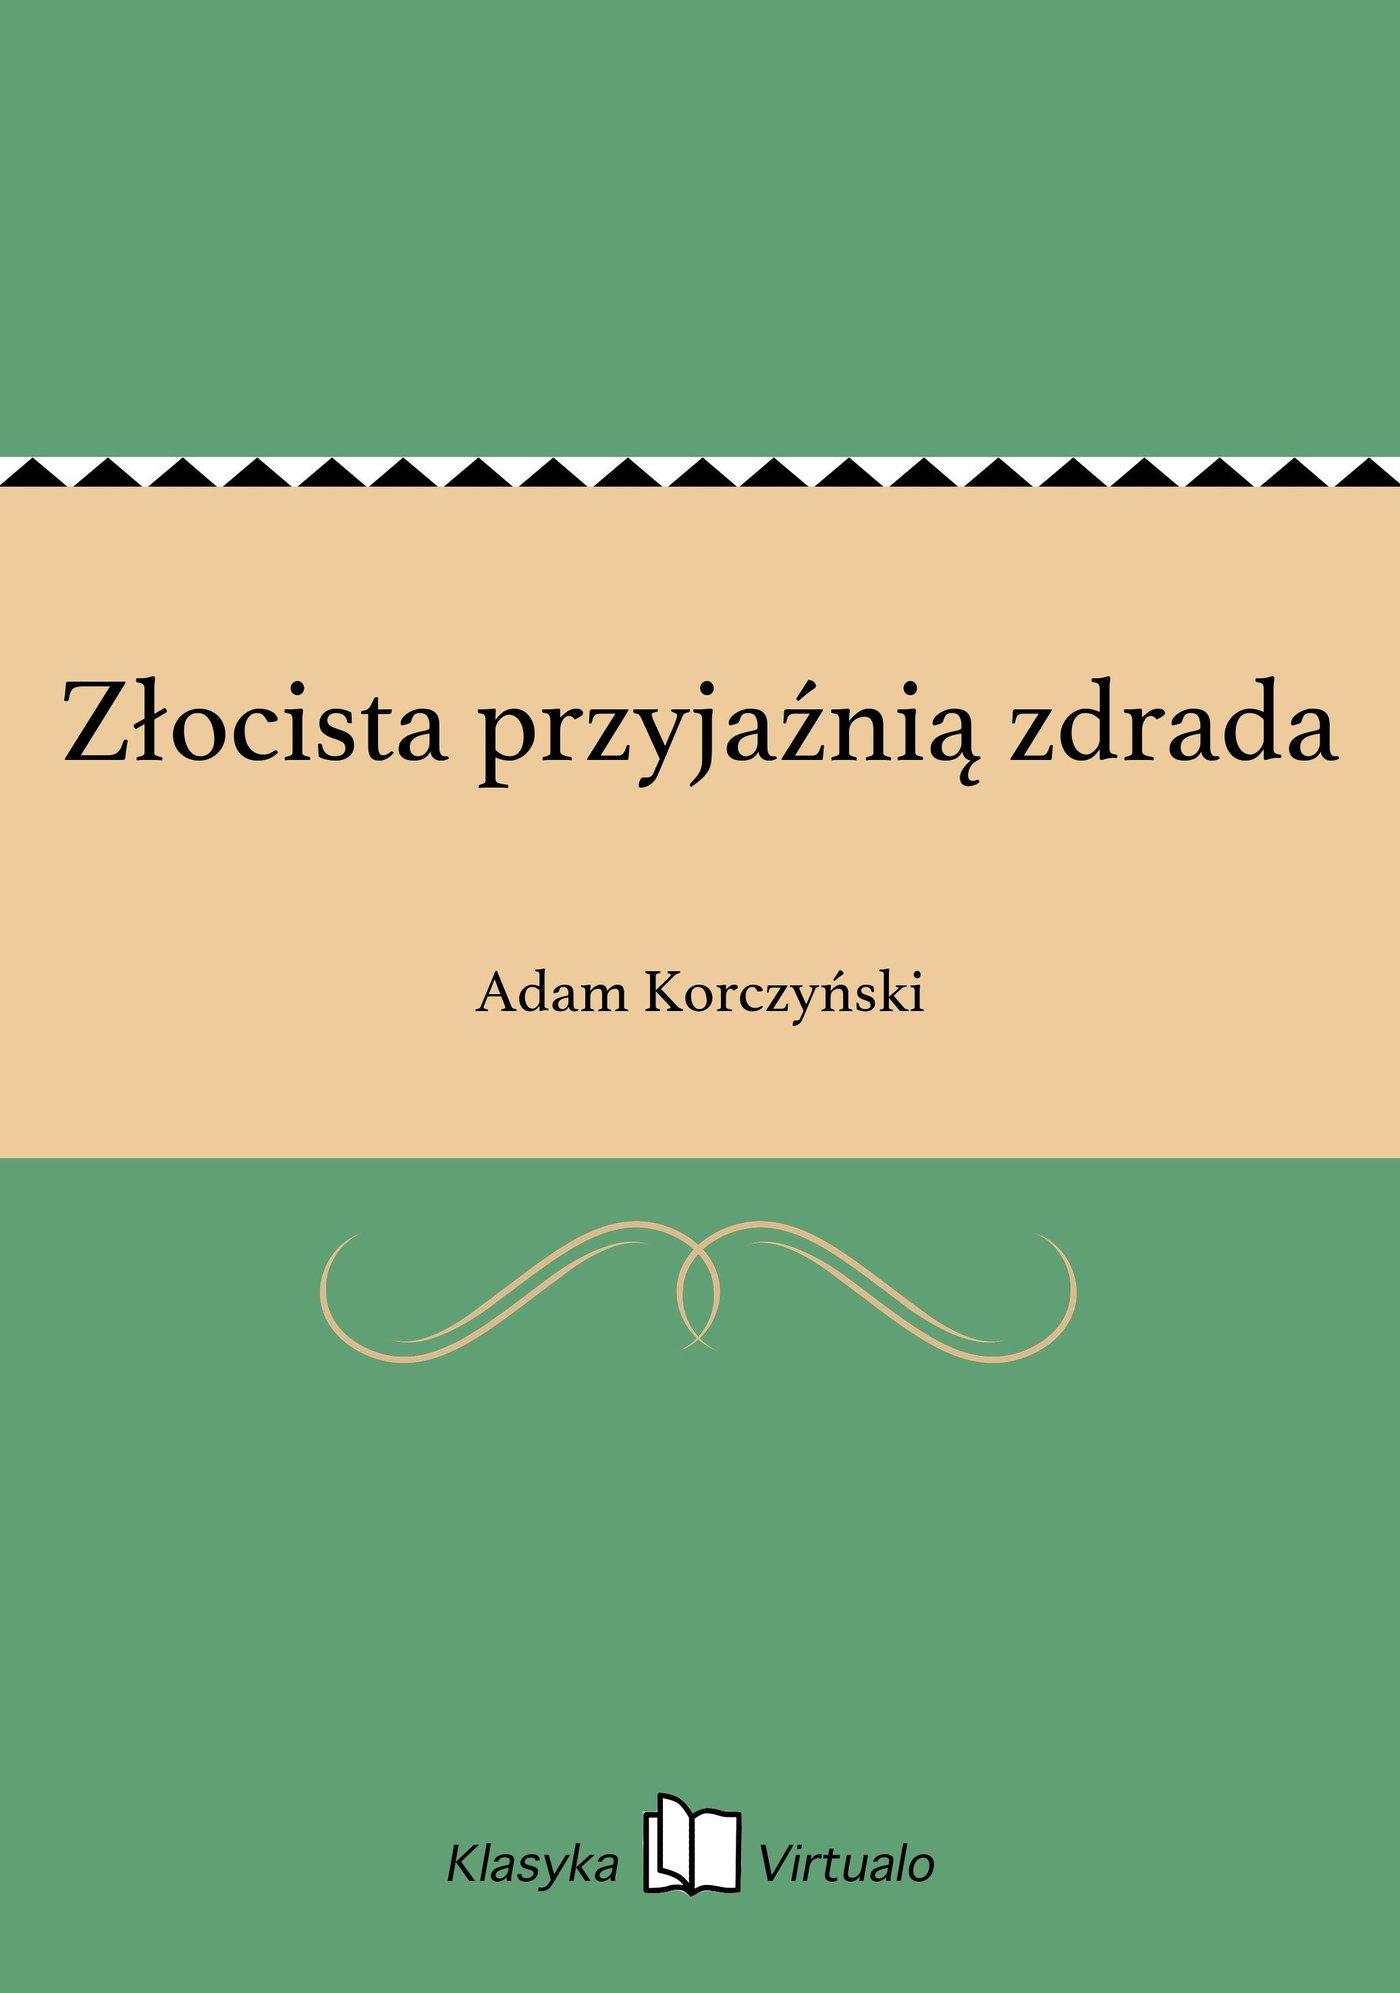 Złocista przyjaźnią zdrada - Ebook (Książka na Kindle) do pobrania w formacie MOBI